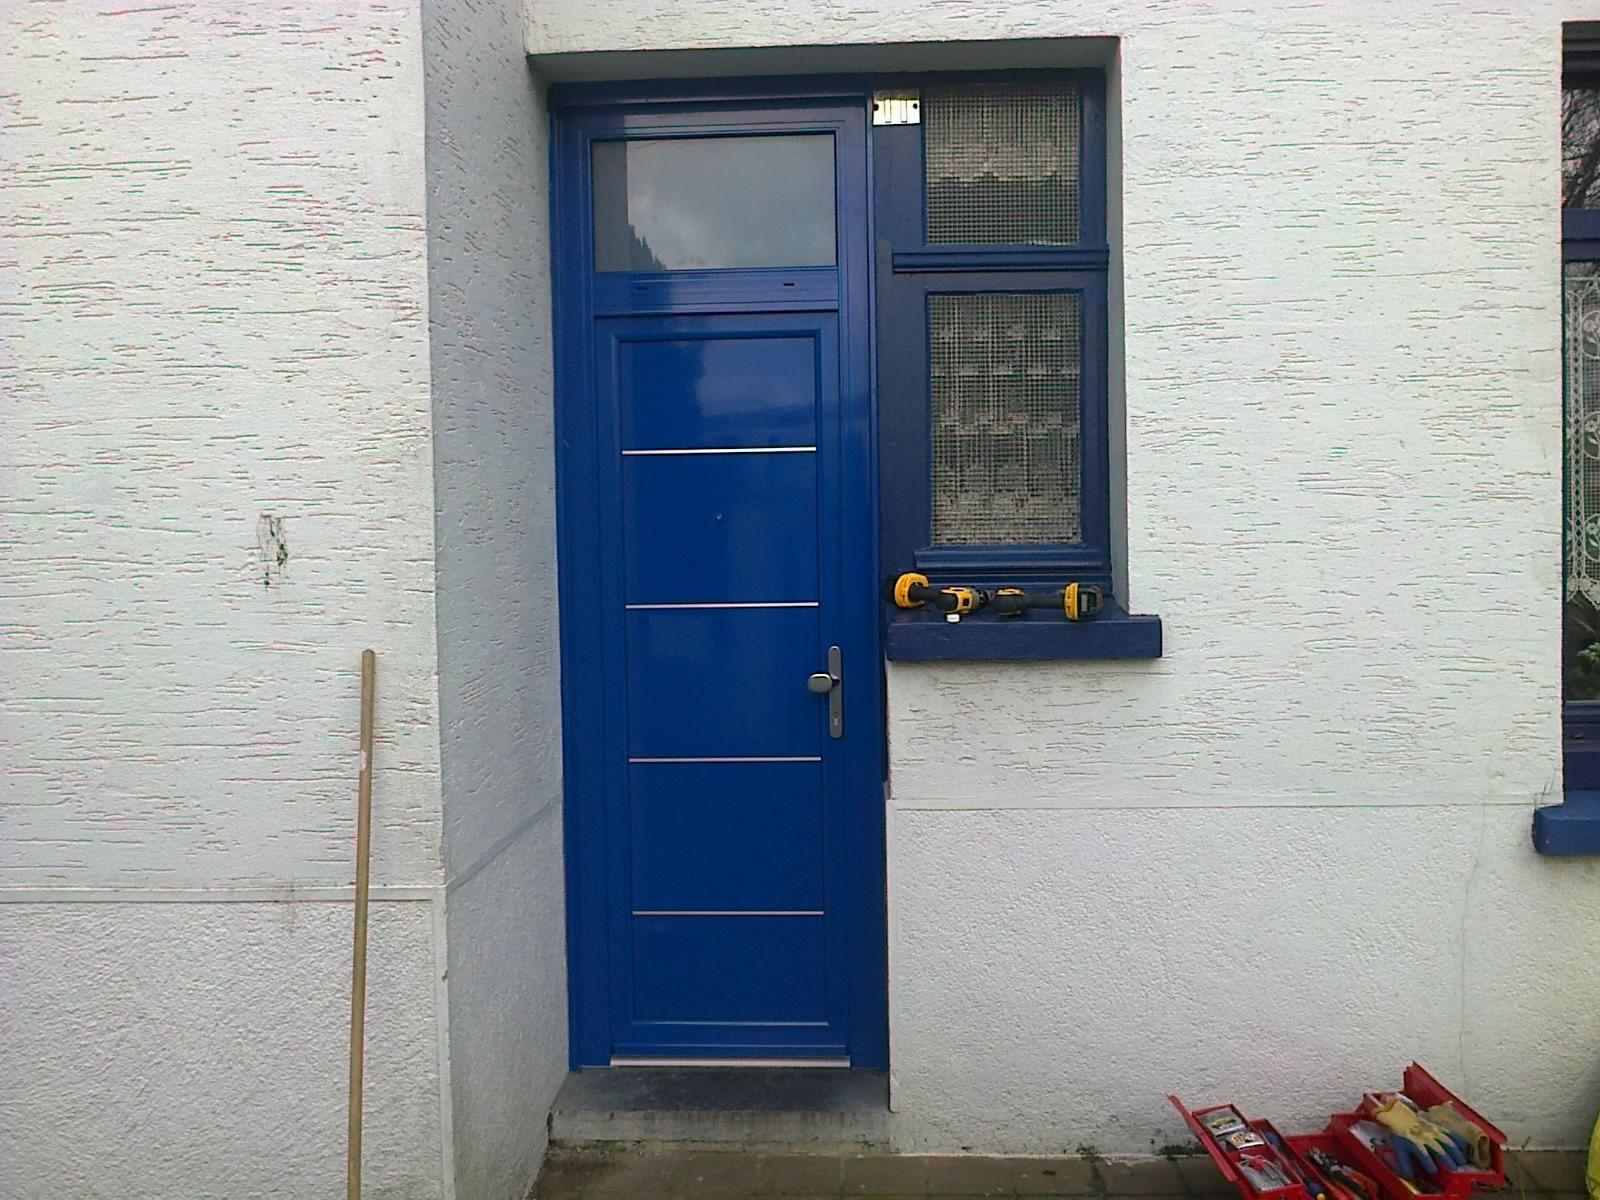 Montage de la porte alu tech bleu sur lesquin premium fermetures - La porte bleu belgique ...